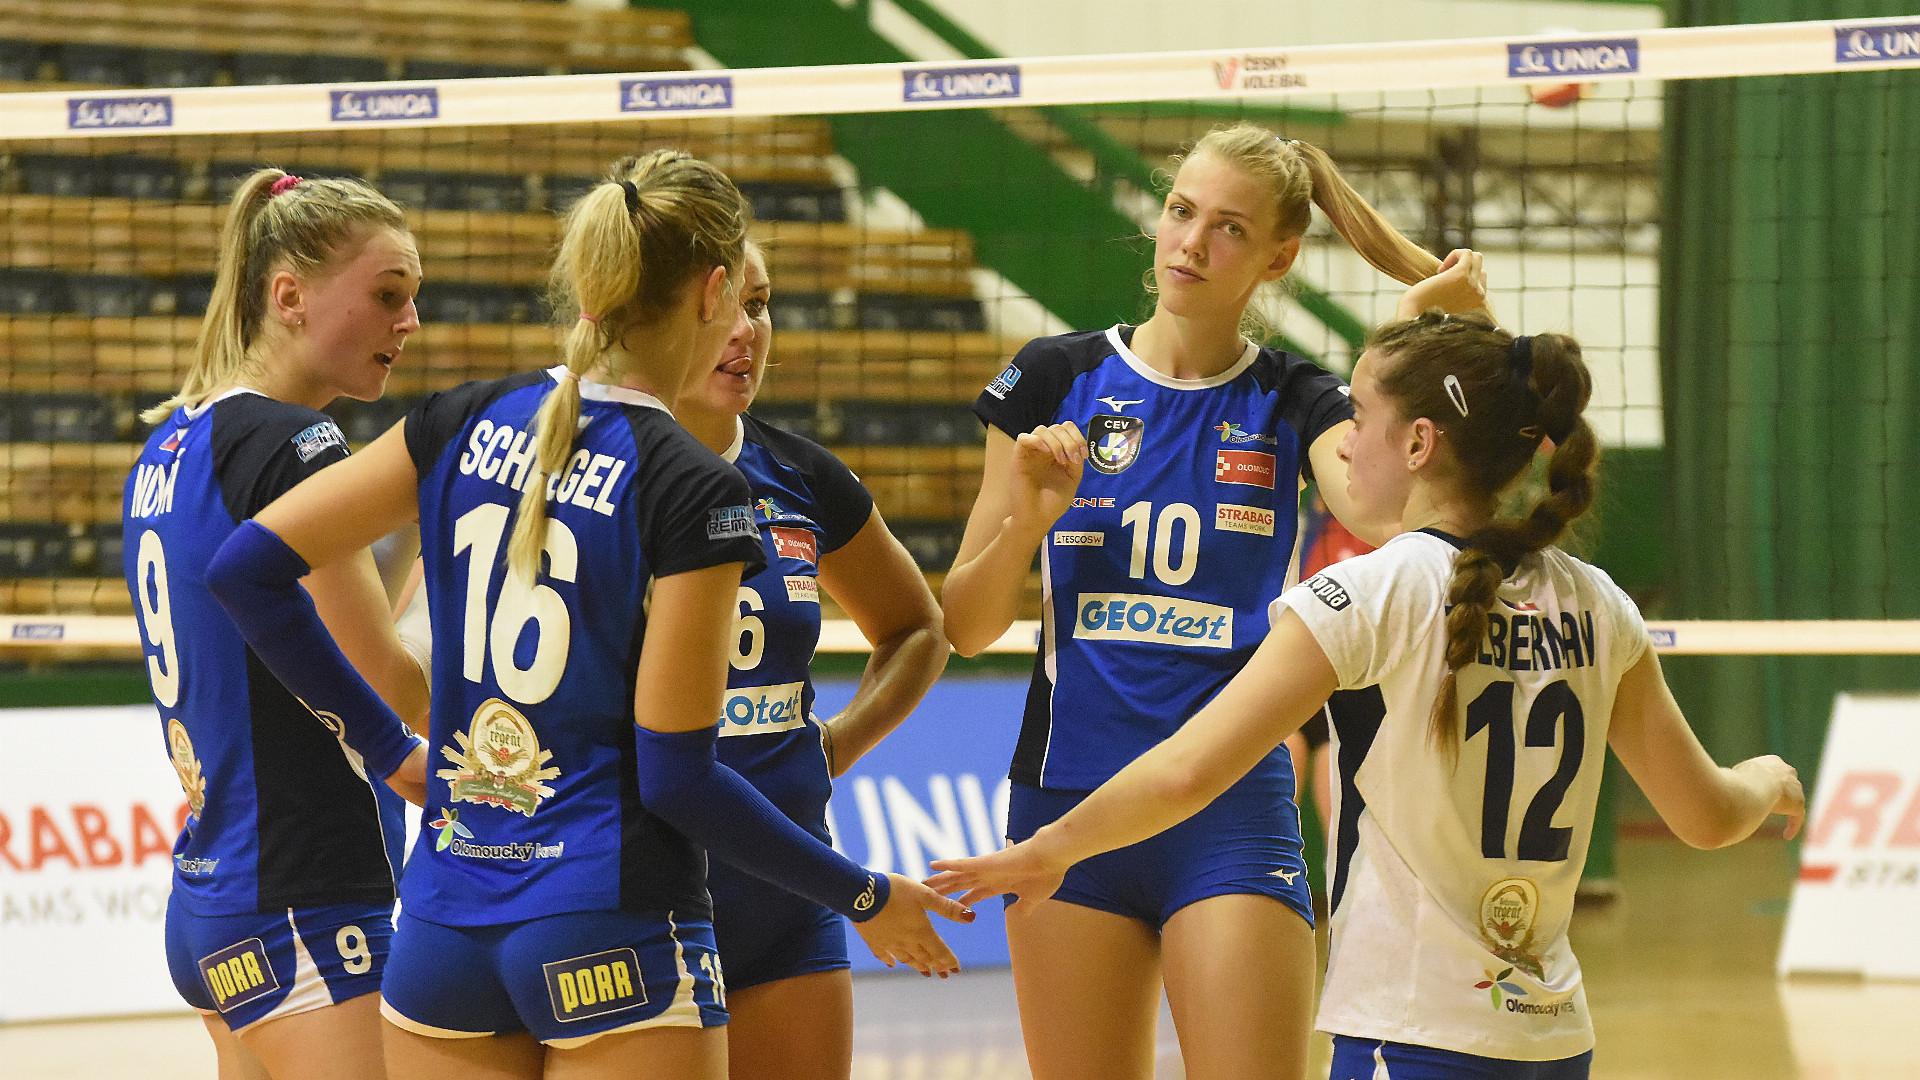 Volejbalistky VK UP Olomouc začaly Ligu mistryň špatně